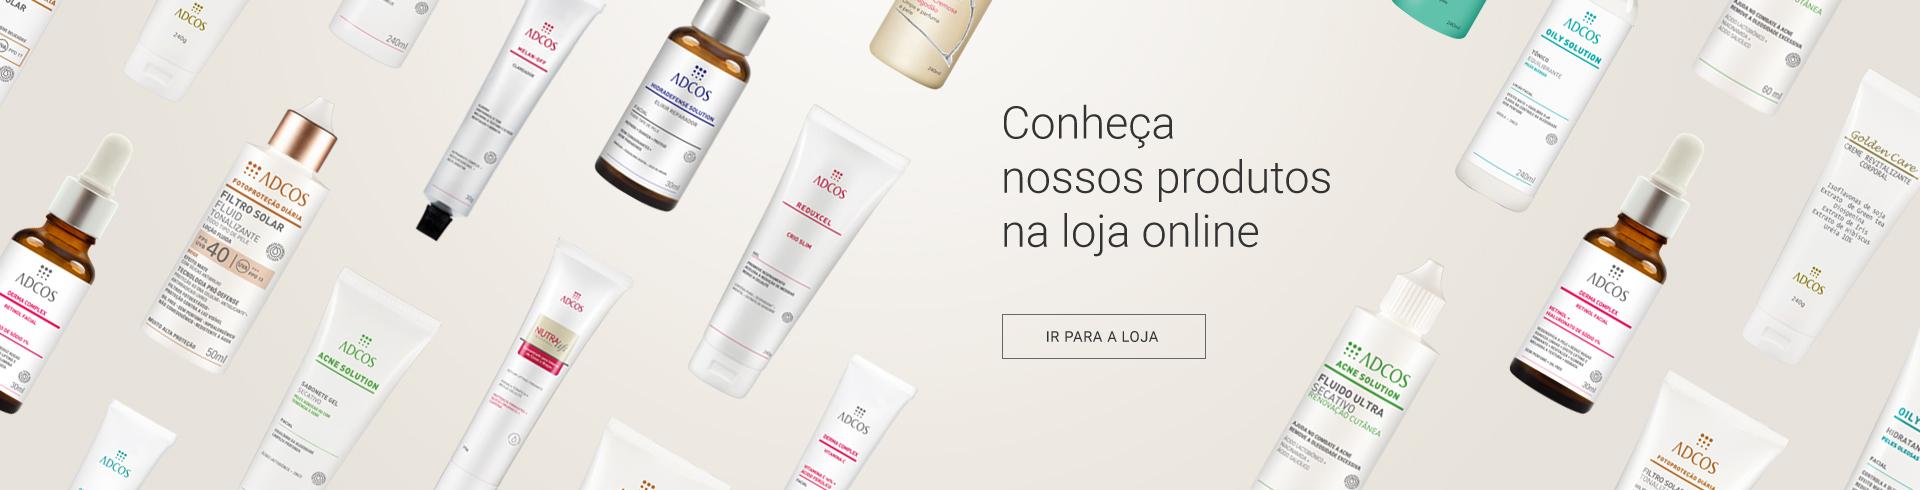 E-commerce-adcos